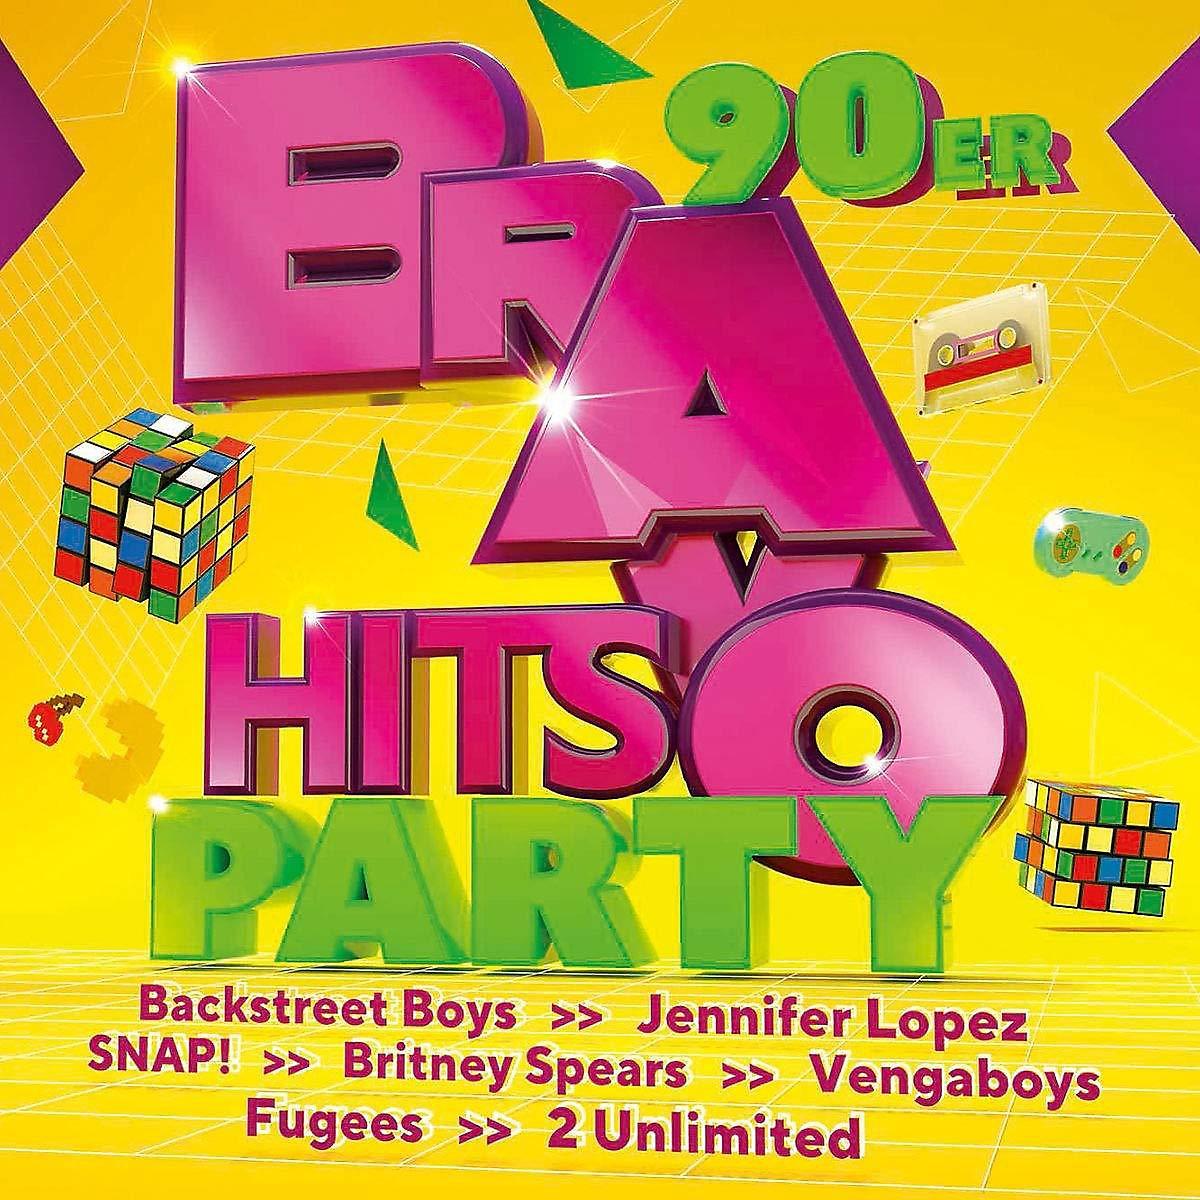 Bravo Hits Party - 90er 3 CDs CD bei Weltbild.de bestellen